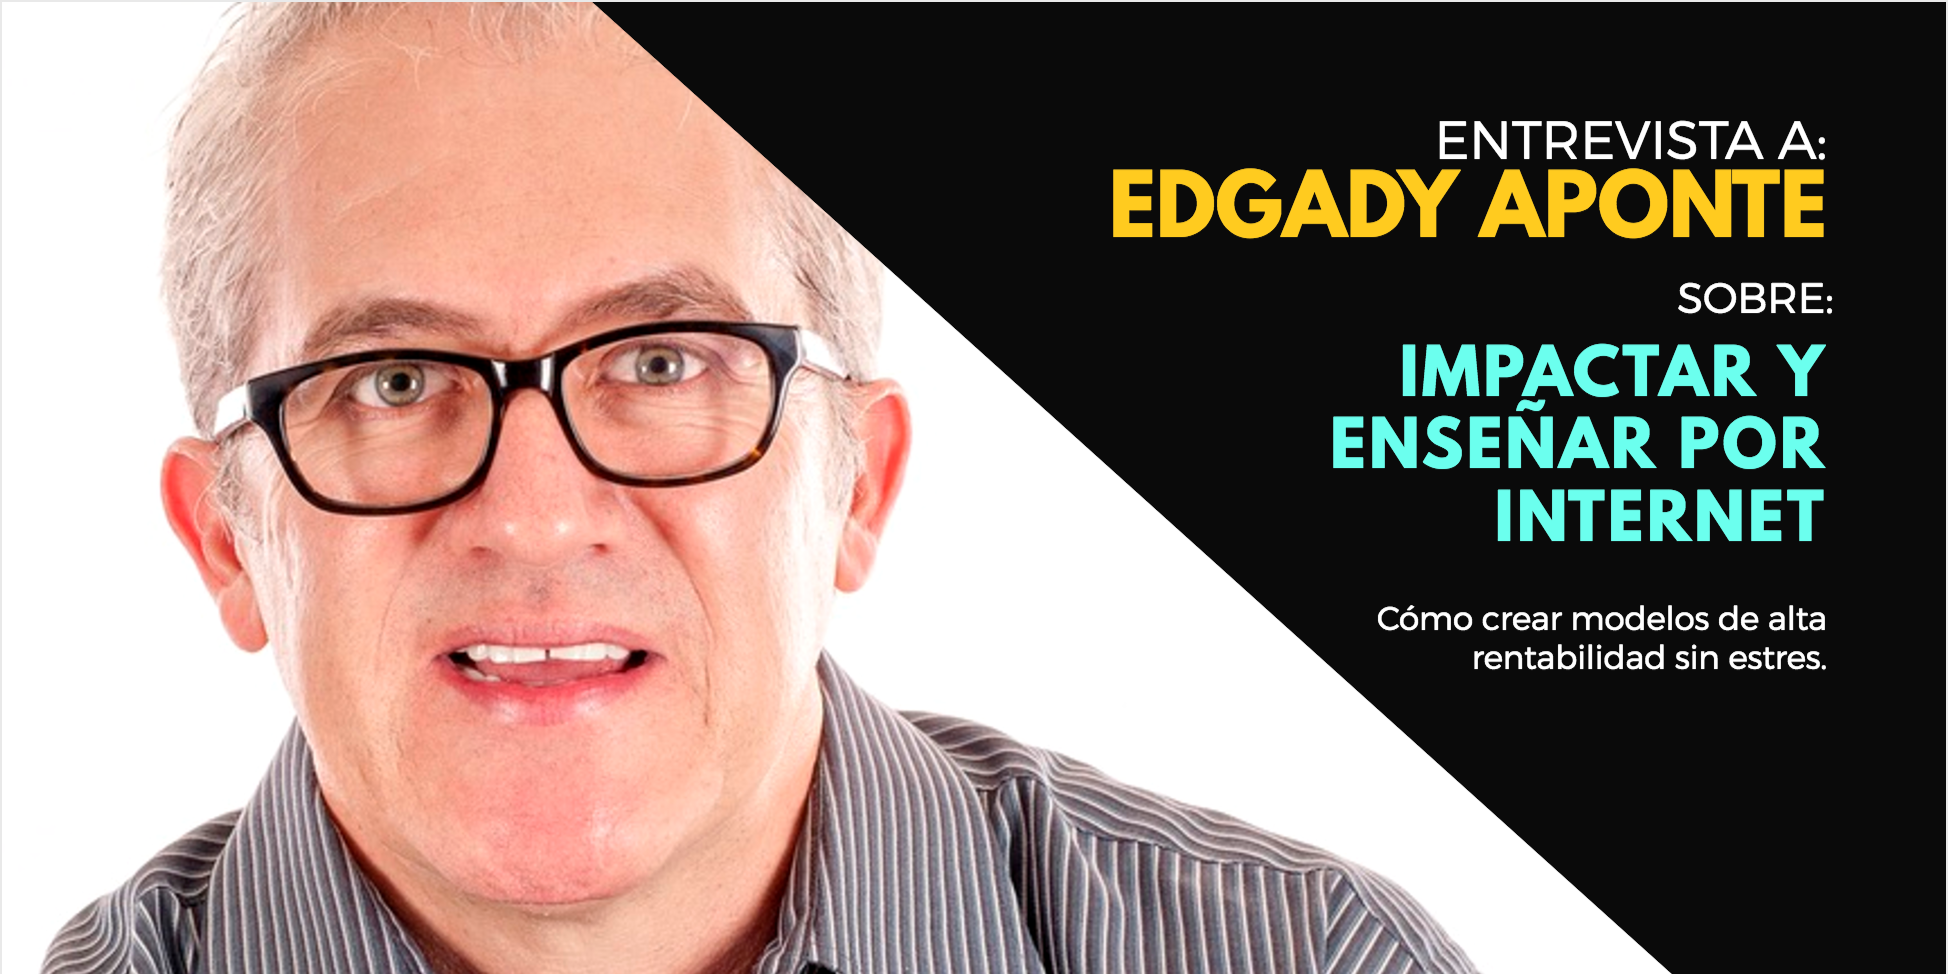 Edgady Aponte: Cómo Impactar y Enseñar Por Internet